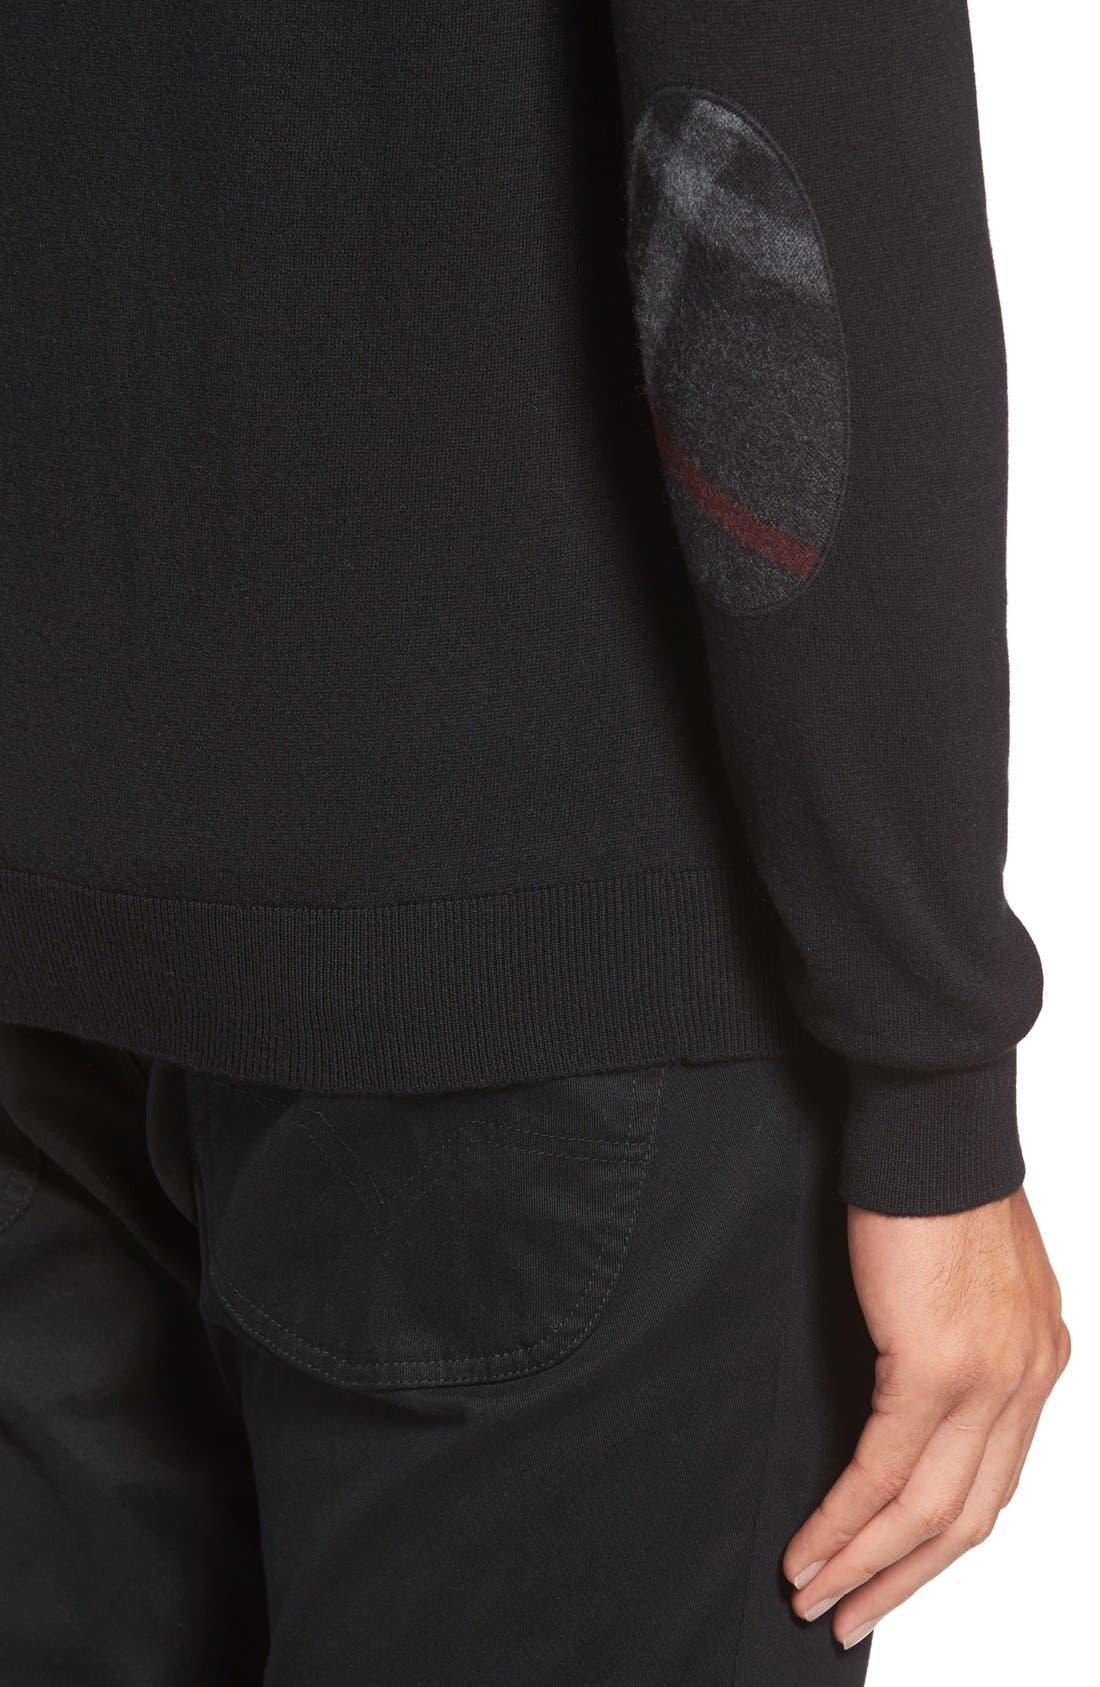 Brit Richmond Cotton & Cashmere Sweater,                             Alternate thumbnail 4, color,                             001